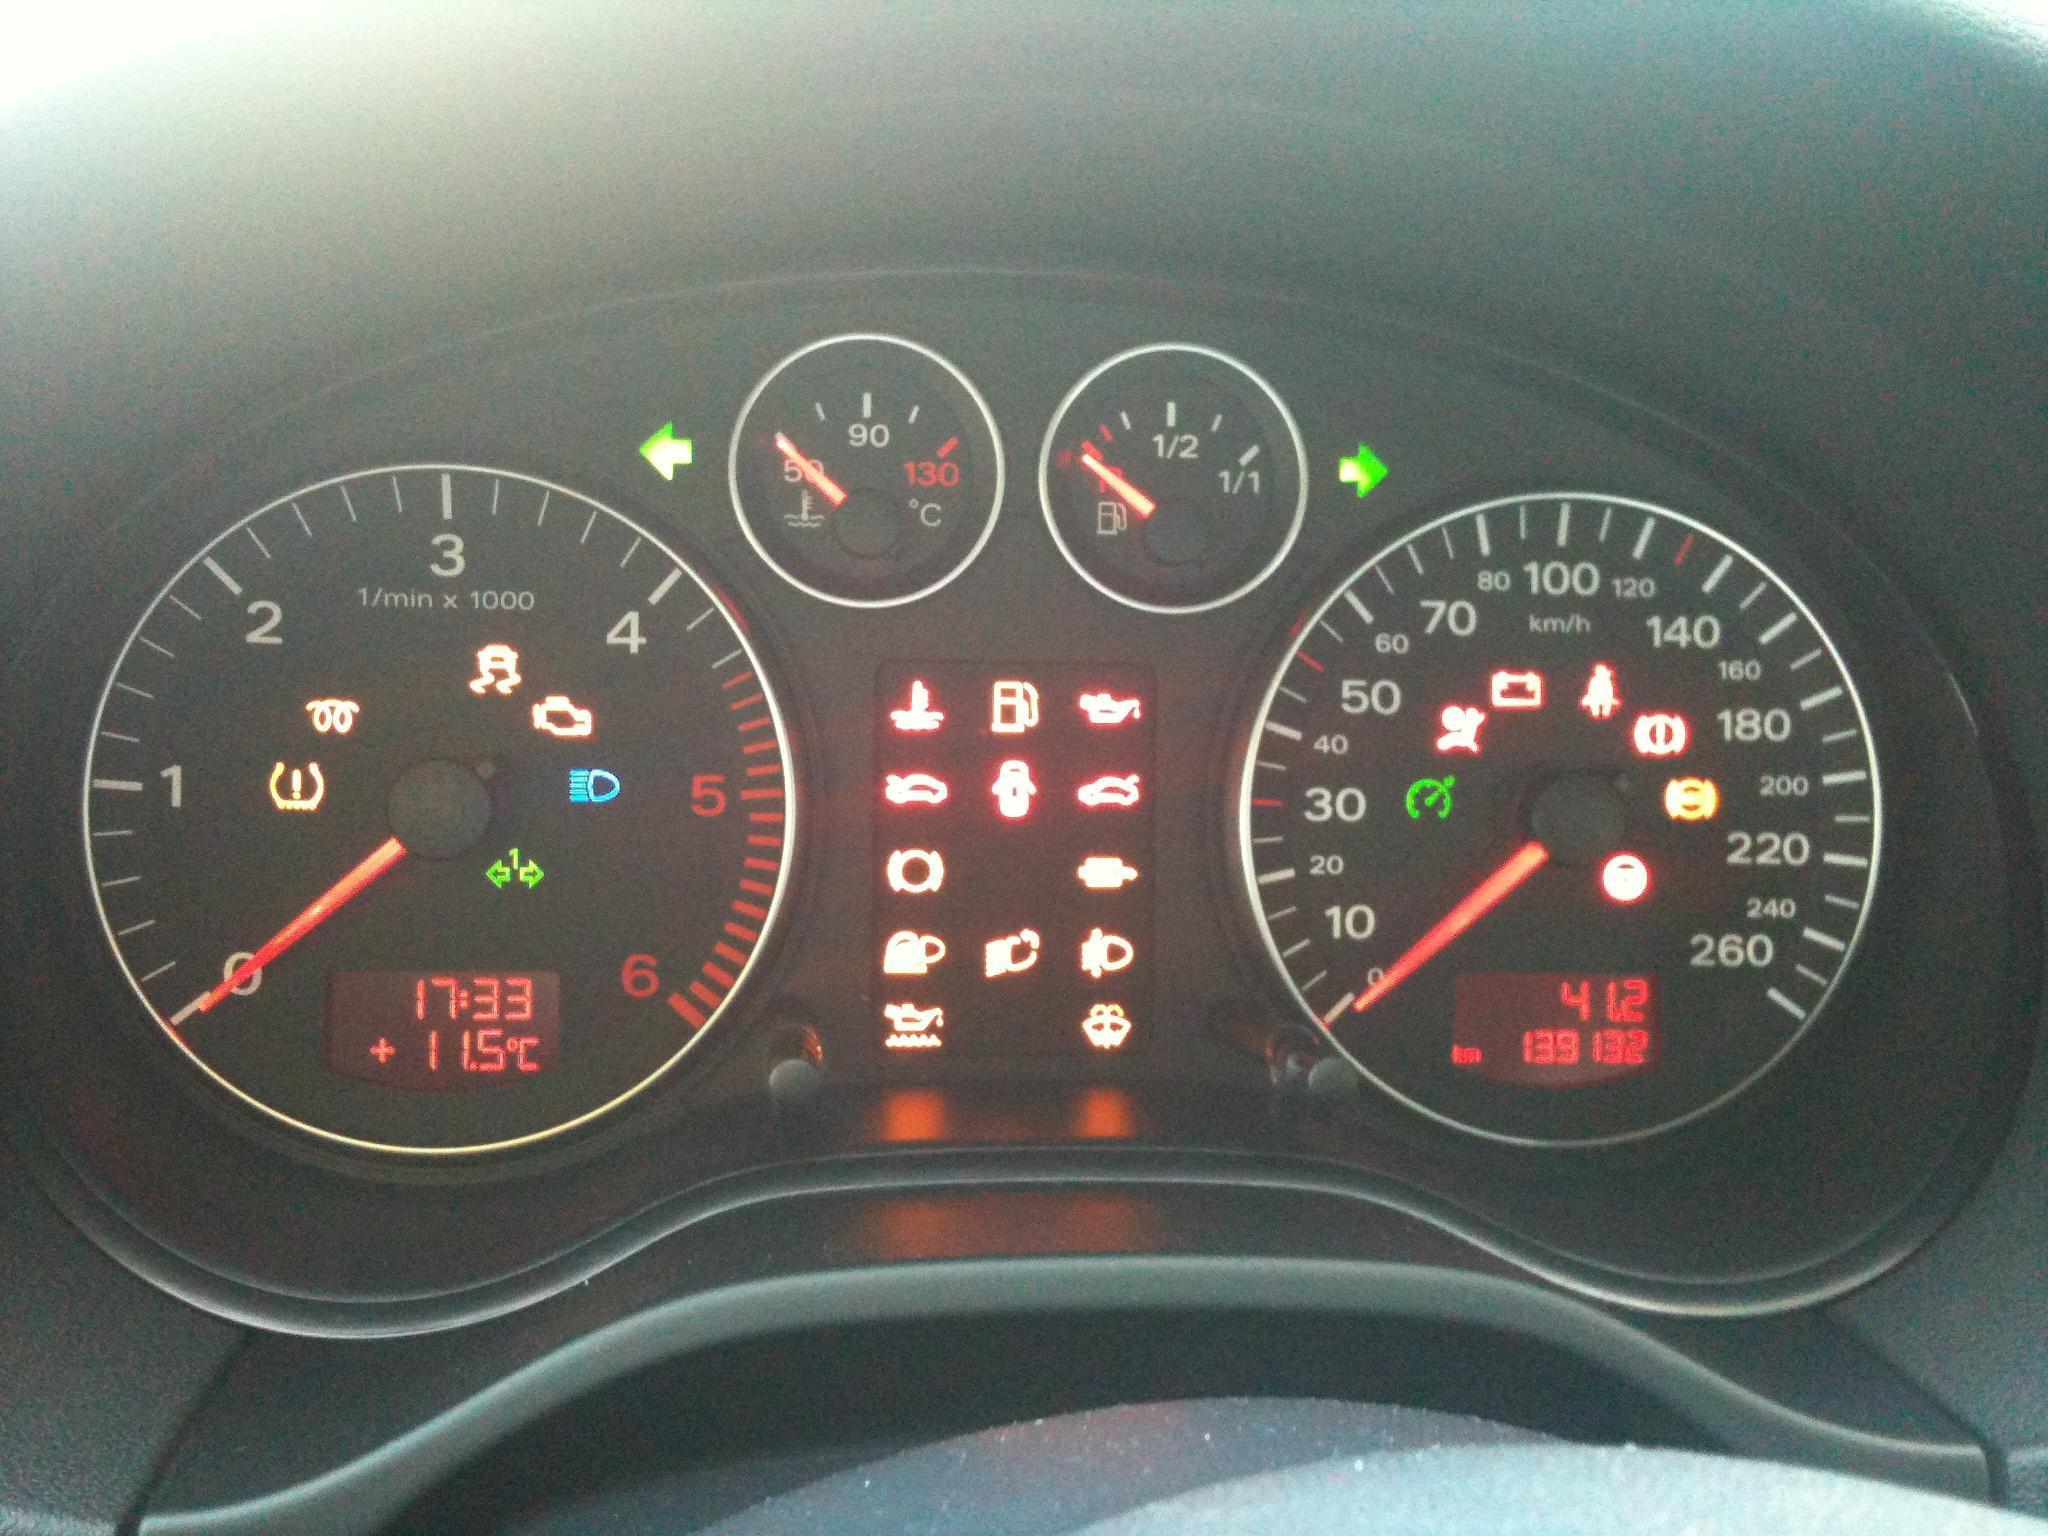 Les Voyants Ou Temoins Lumineux Du Tableau De Bord Entretien De Votre A3 Forum Audi A3 8p 8v